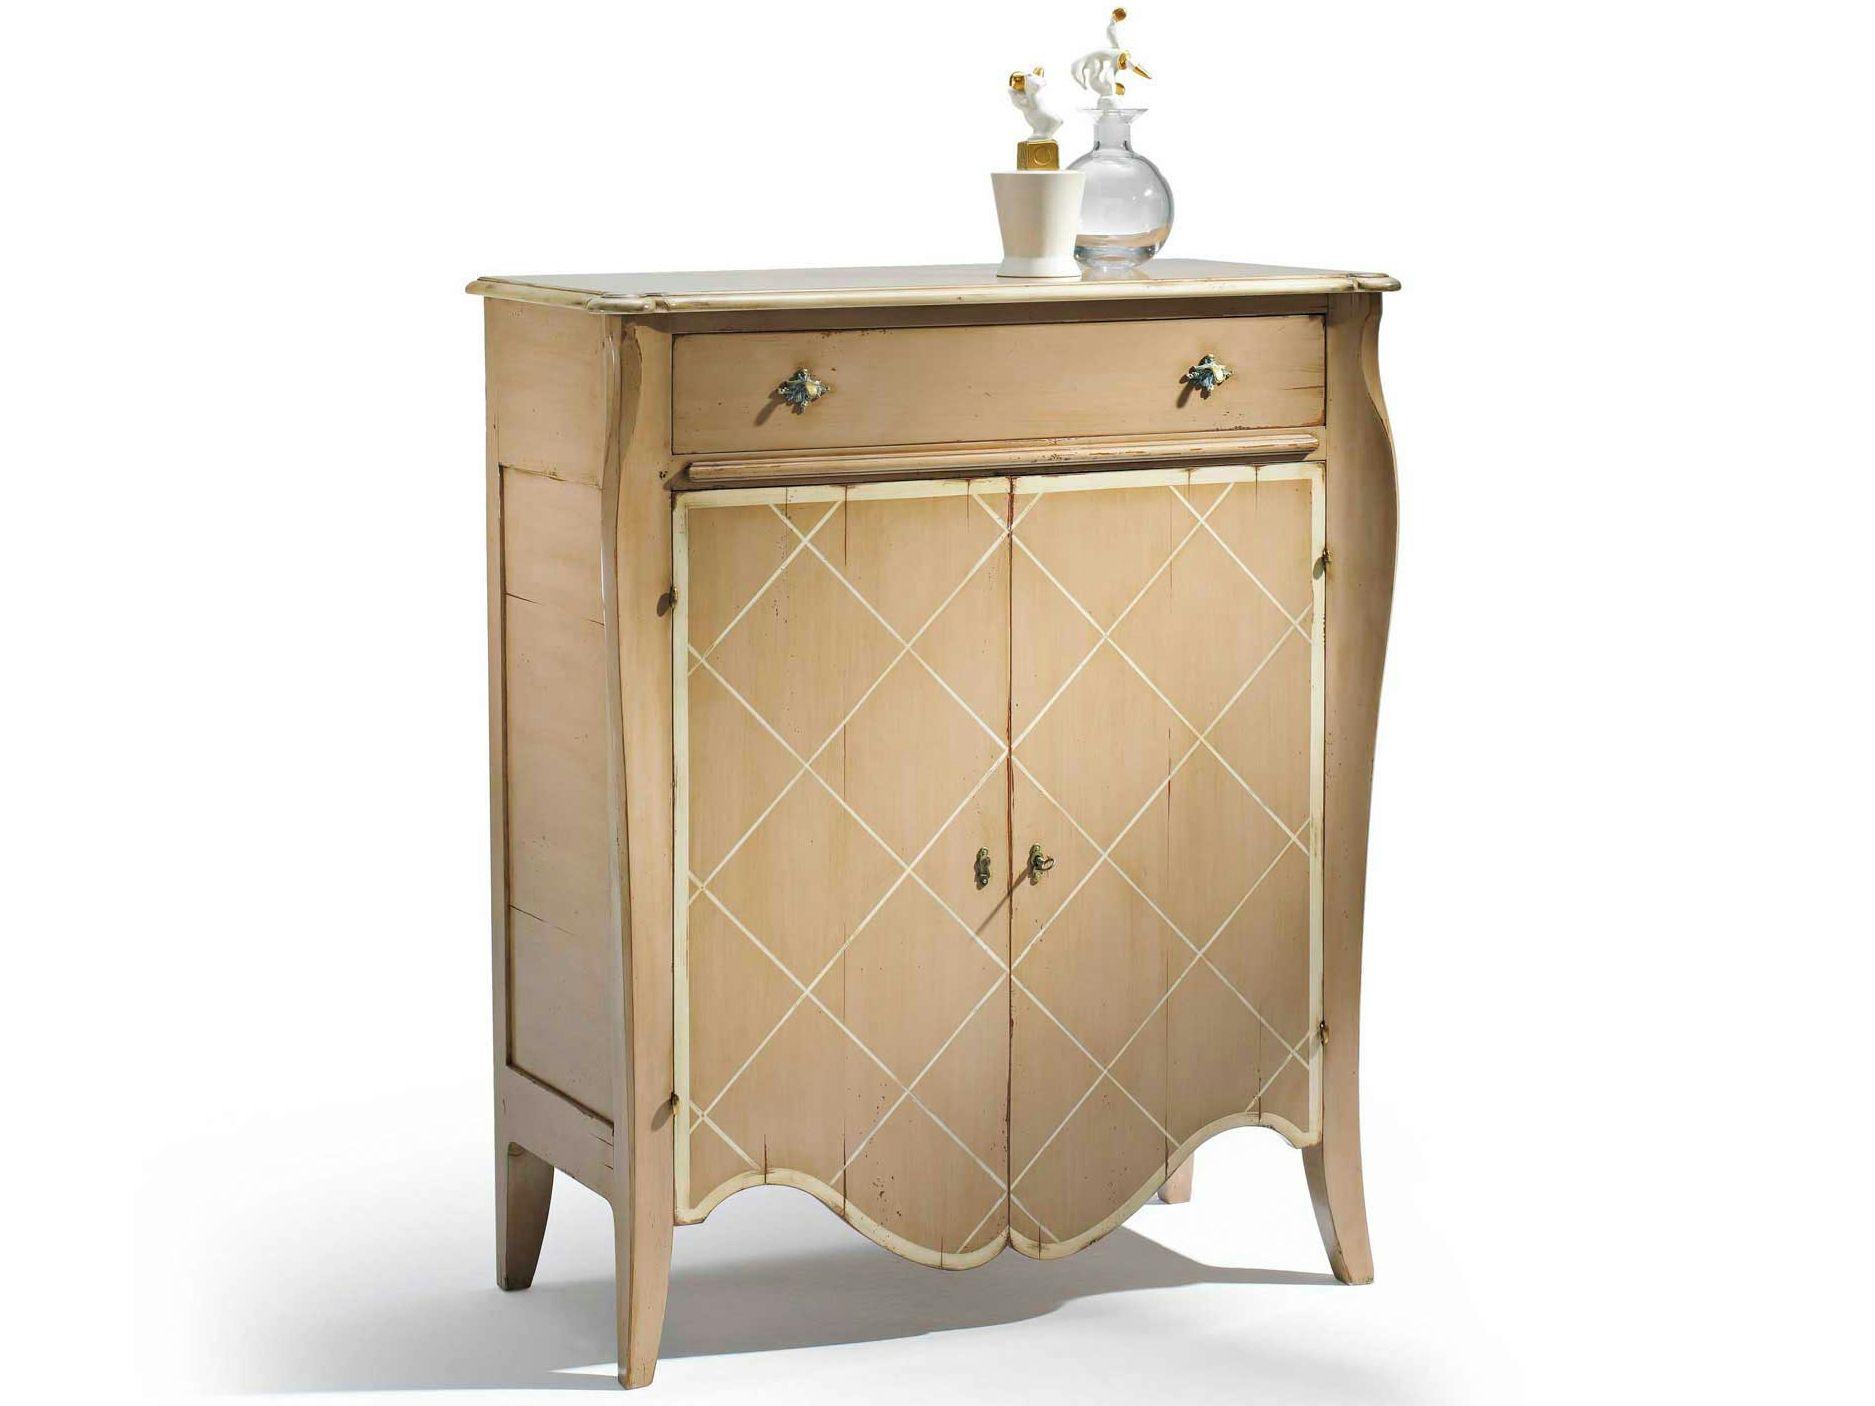 Vaisselier en bois avec portes collonges collection nouveaux classiques by ro - Vaisselier roche bobois ...